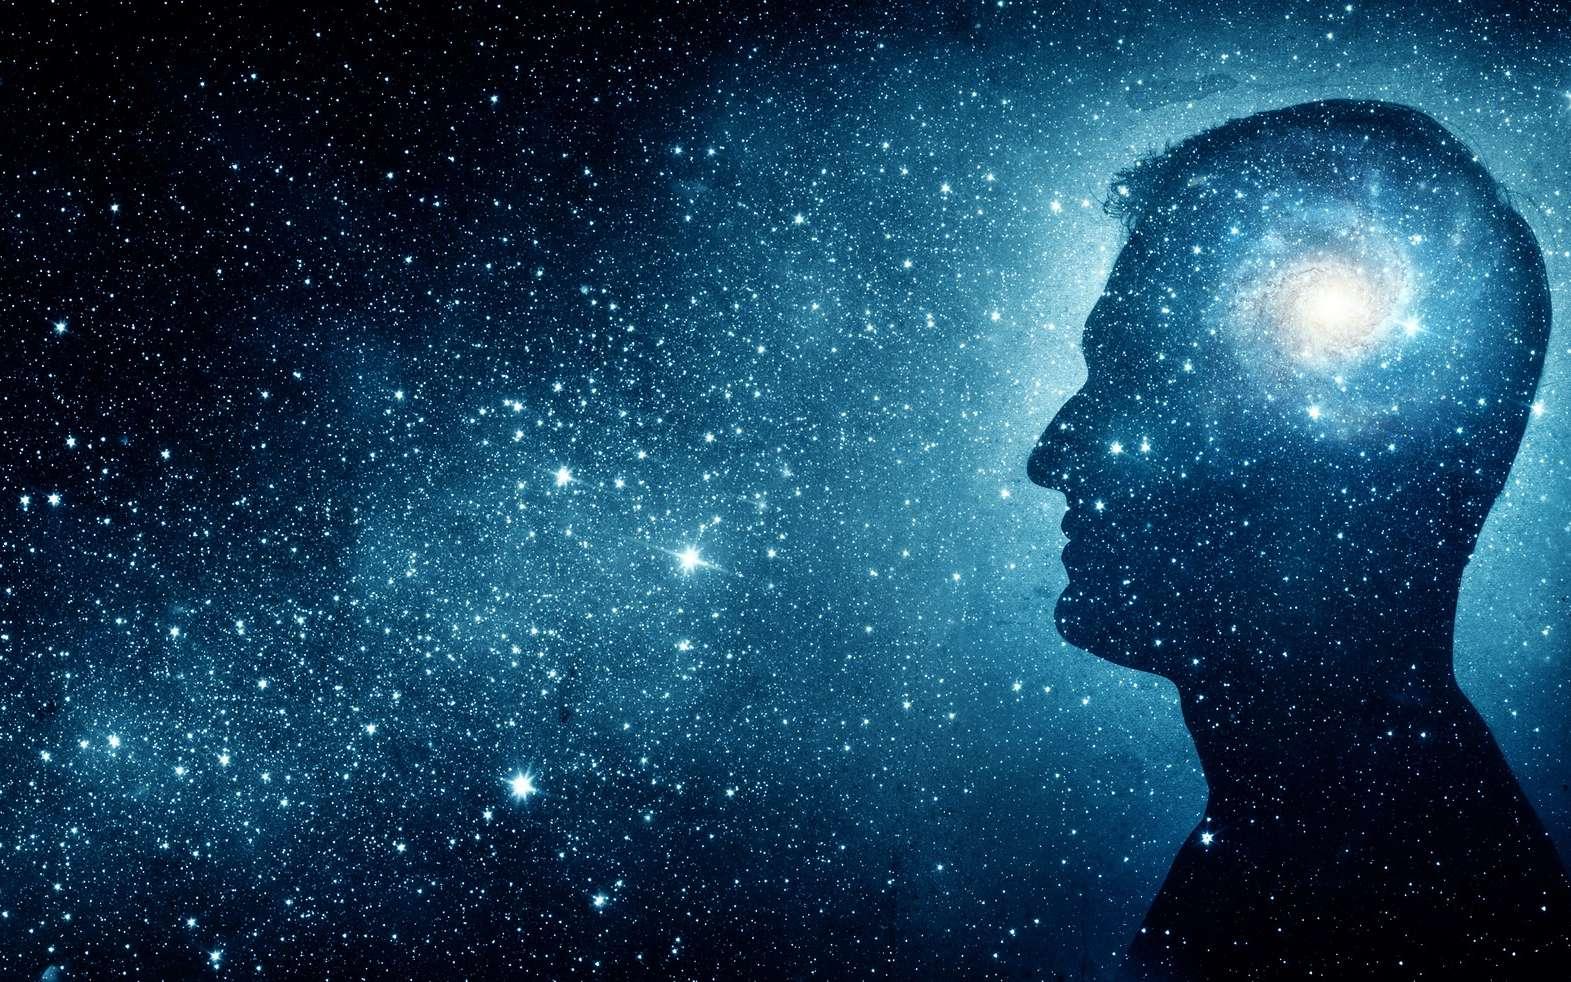 Une étude parue dans Nature suggère que les grands scientifiques ont tendance à douter de l'existence d'un Dieu. © pathdoc, Fotolia